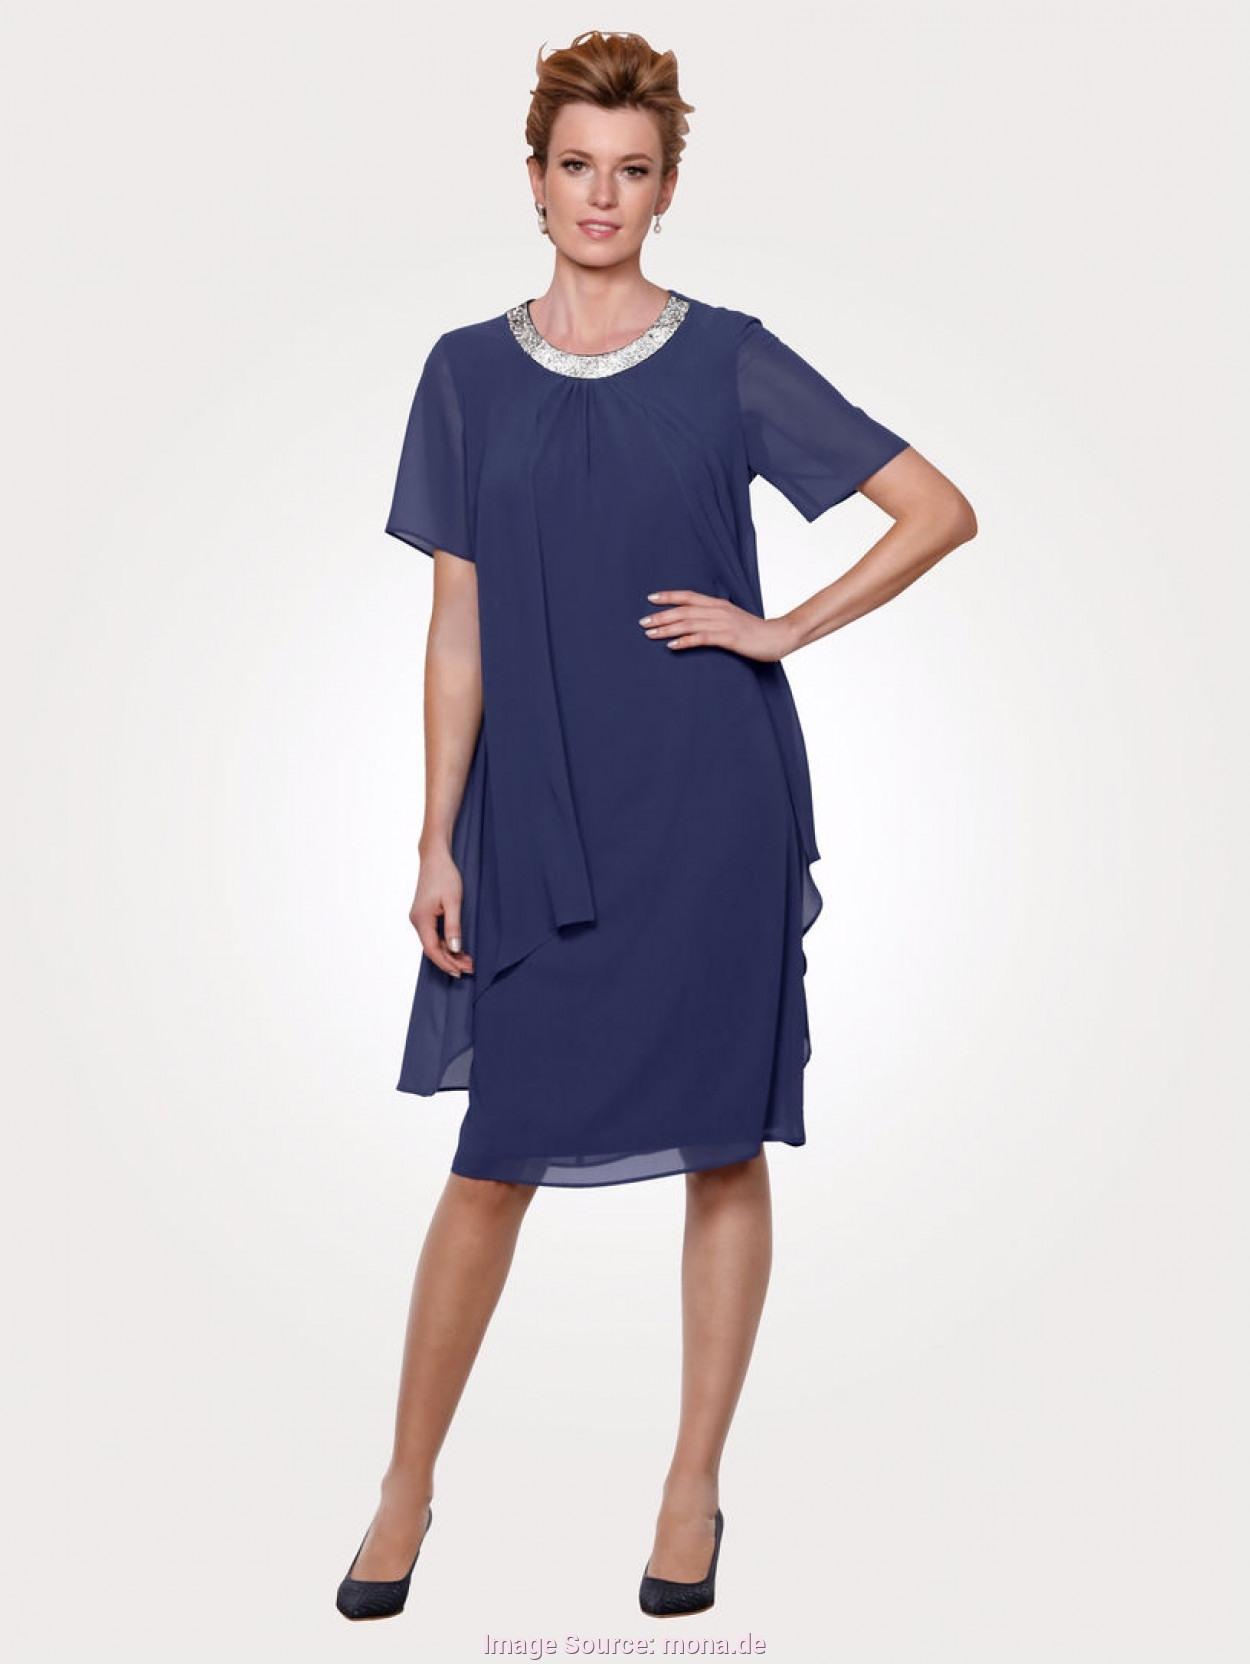 10 Luxurius Festliches Kleid 48 SpezialgebietDesigner Schön Festliches Kleid 48 Vertrieb